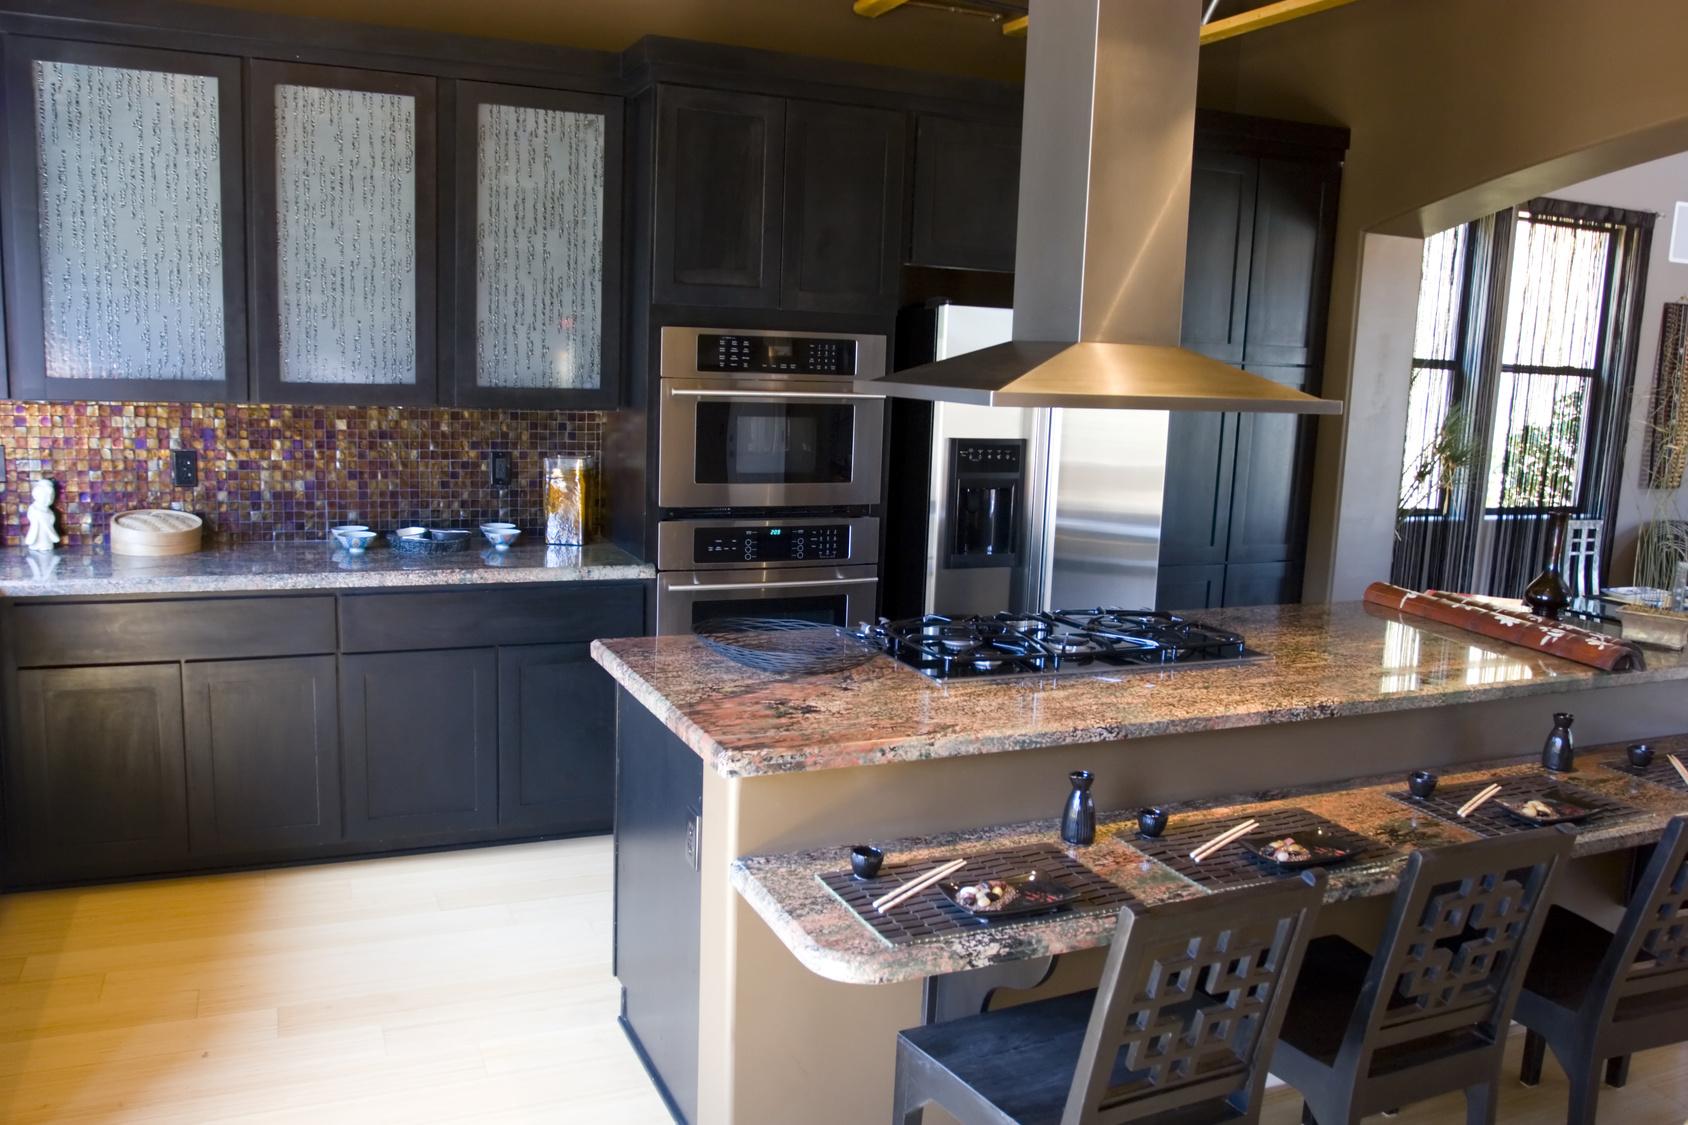 Luxusküche Mit Komfortabler Kücheninsel